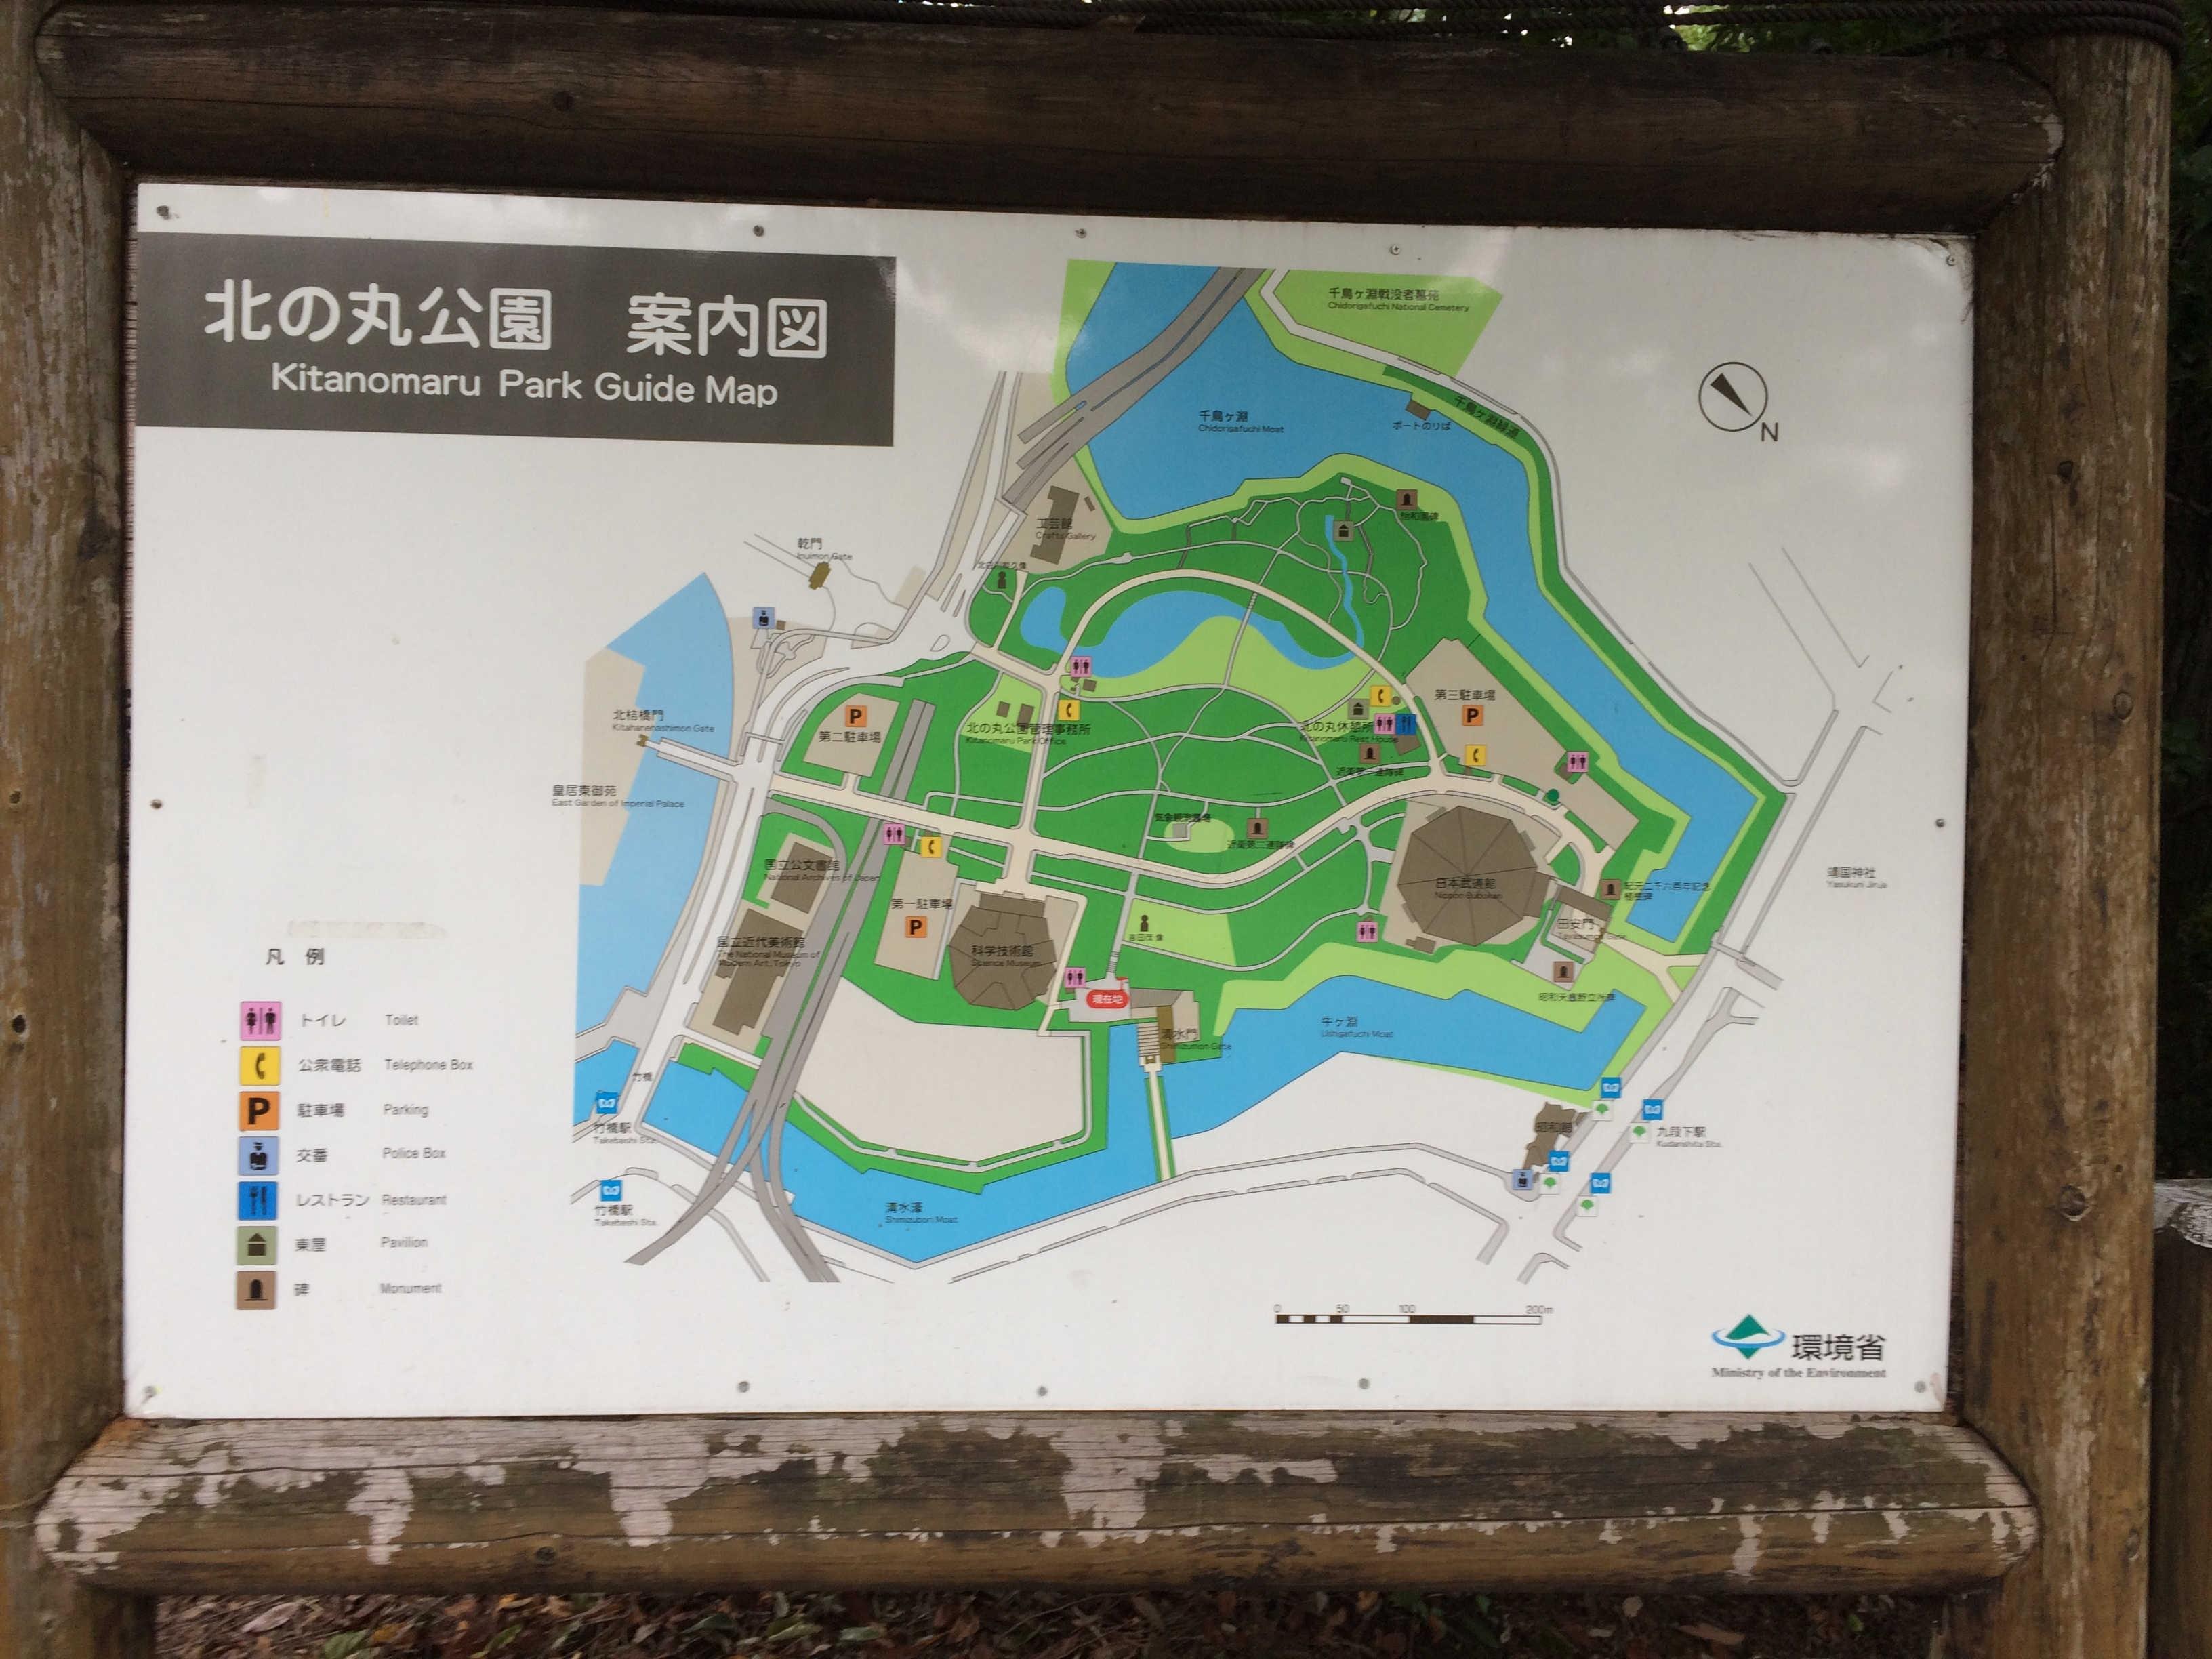 北の丸公園案内図